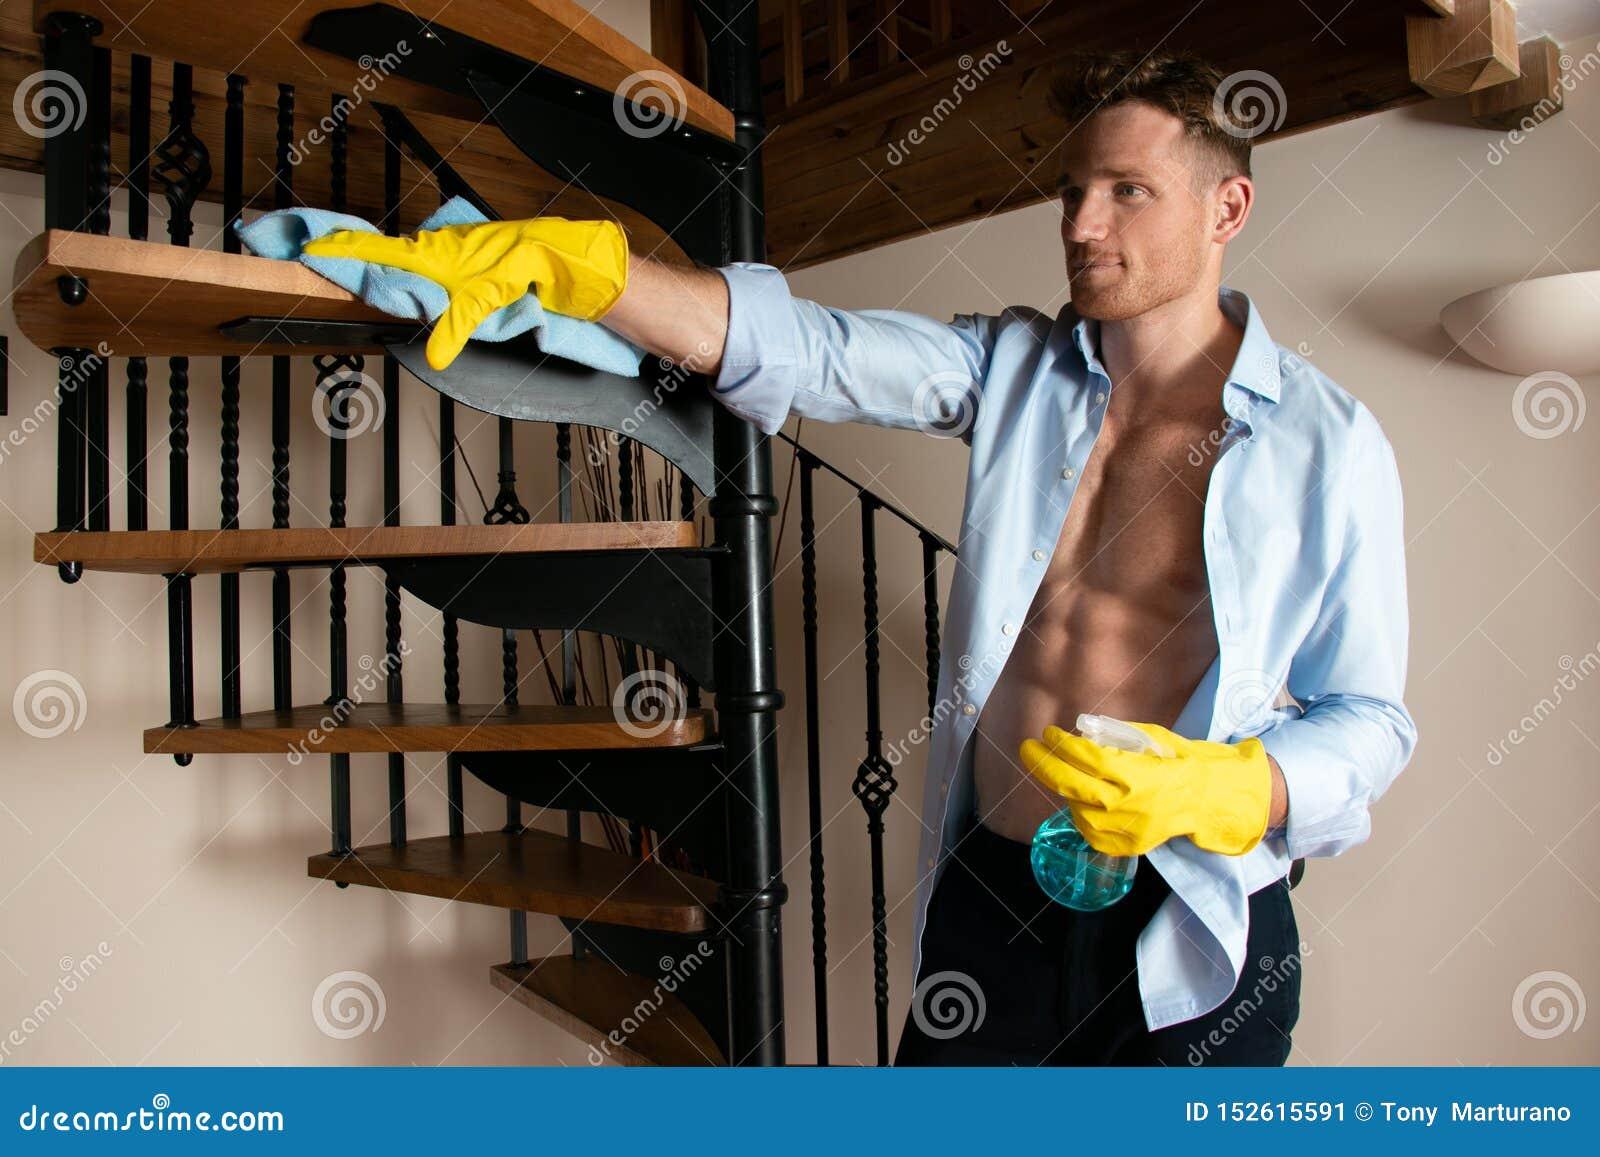 ~~~Happy B-day sœurs/frères VERSEAU~~~ - Page 2 Homme-sexy-portant-les-gants-en-caoutchouc-jaunes-nettoyant-la-cuisine-de-port-d-bel-faisant-travaux-domestiques-152615591